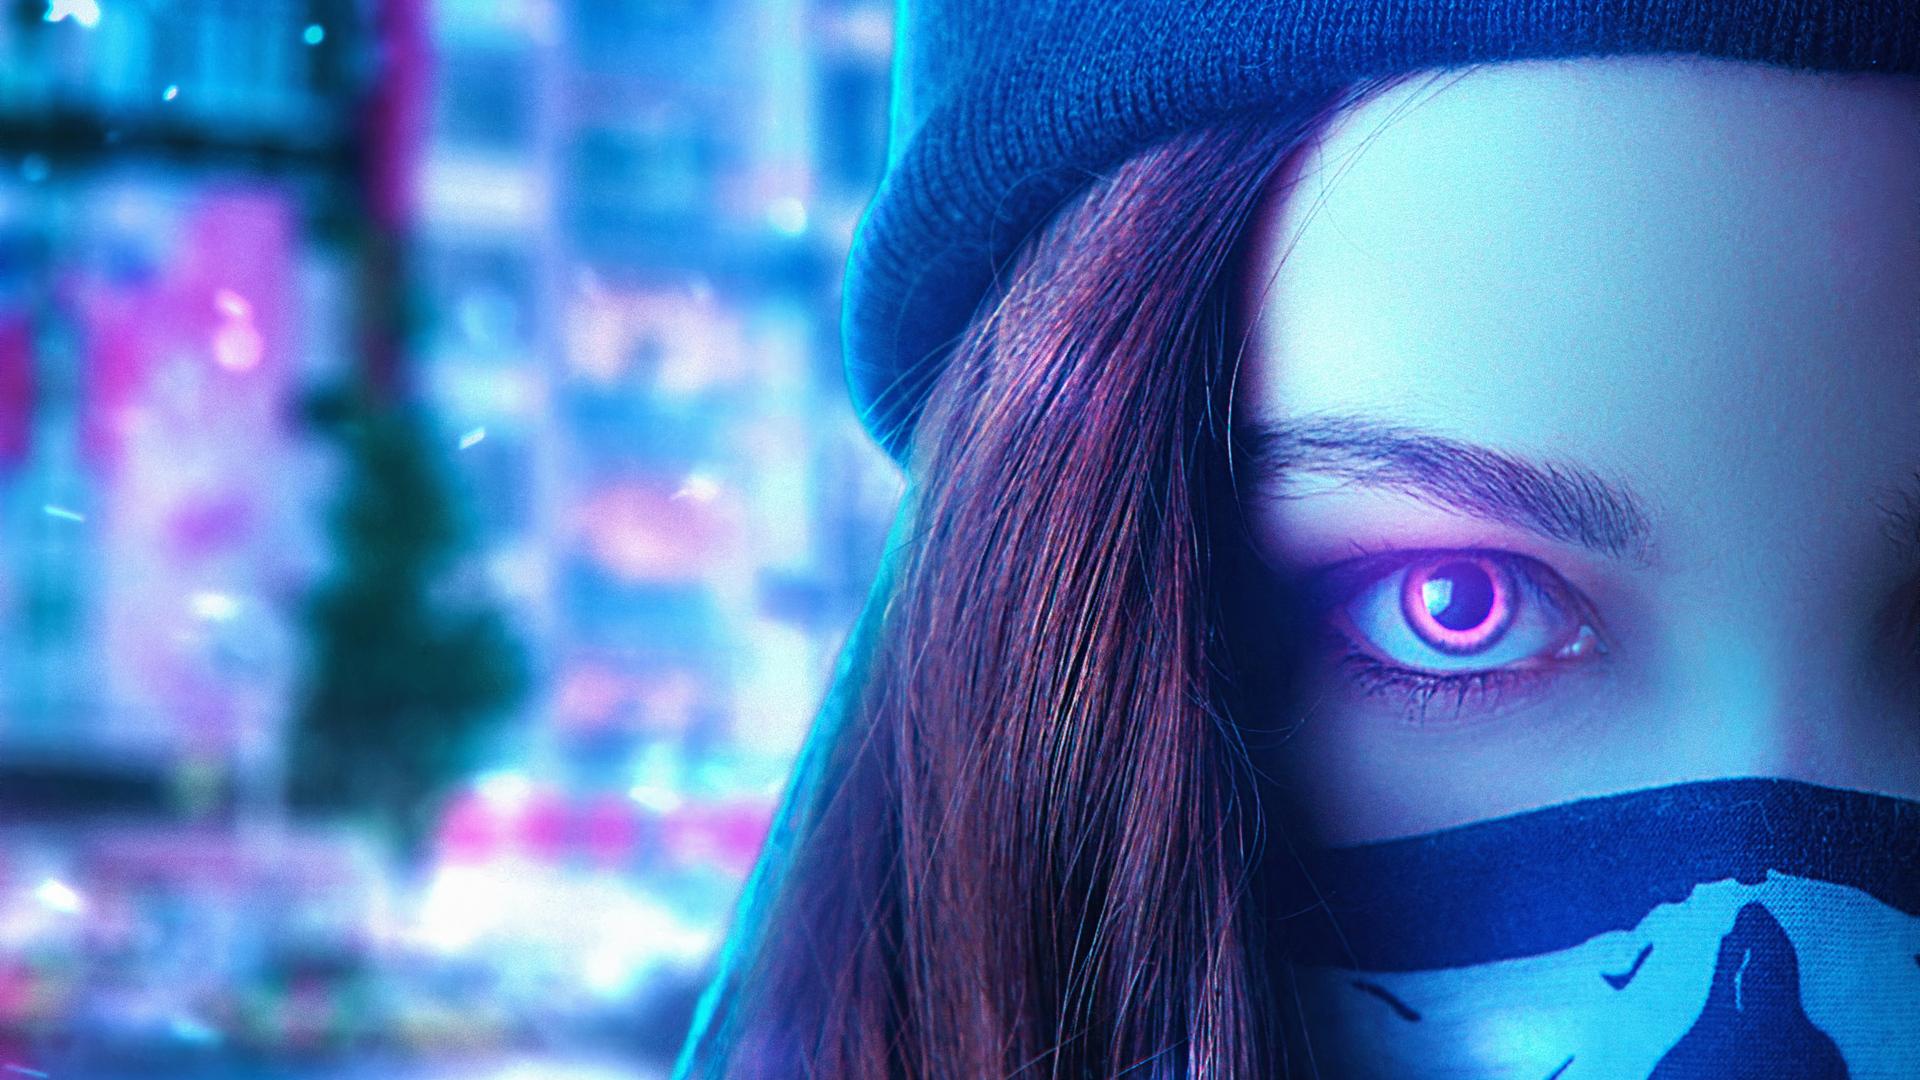 1920x1080 Neon Eyes Girl 4k Laptop Full HD 1080P HD 4k ...